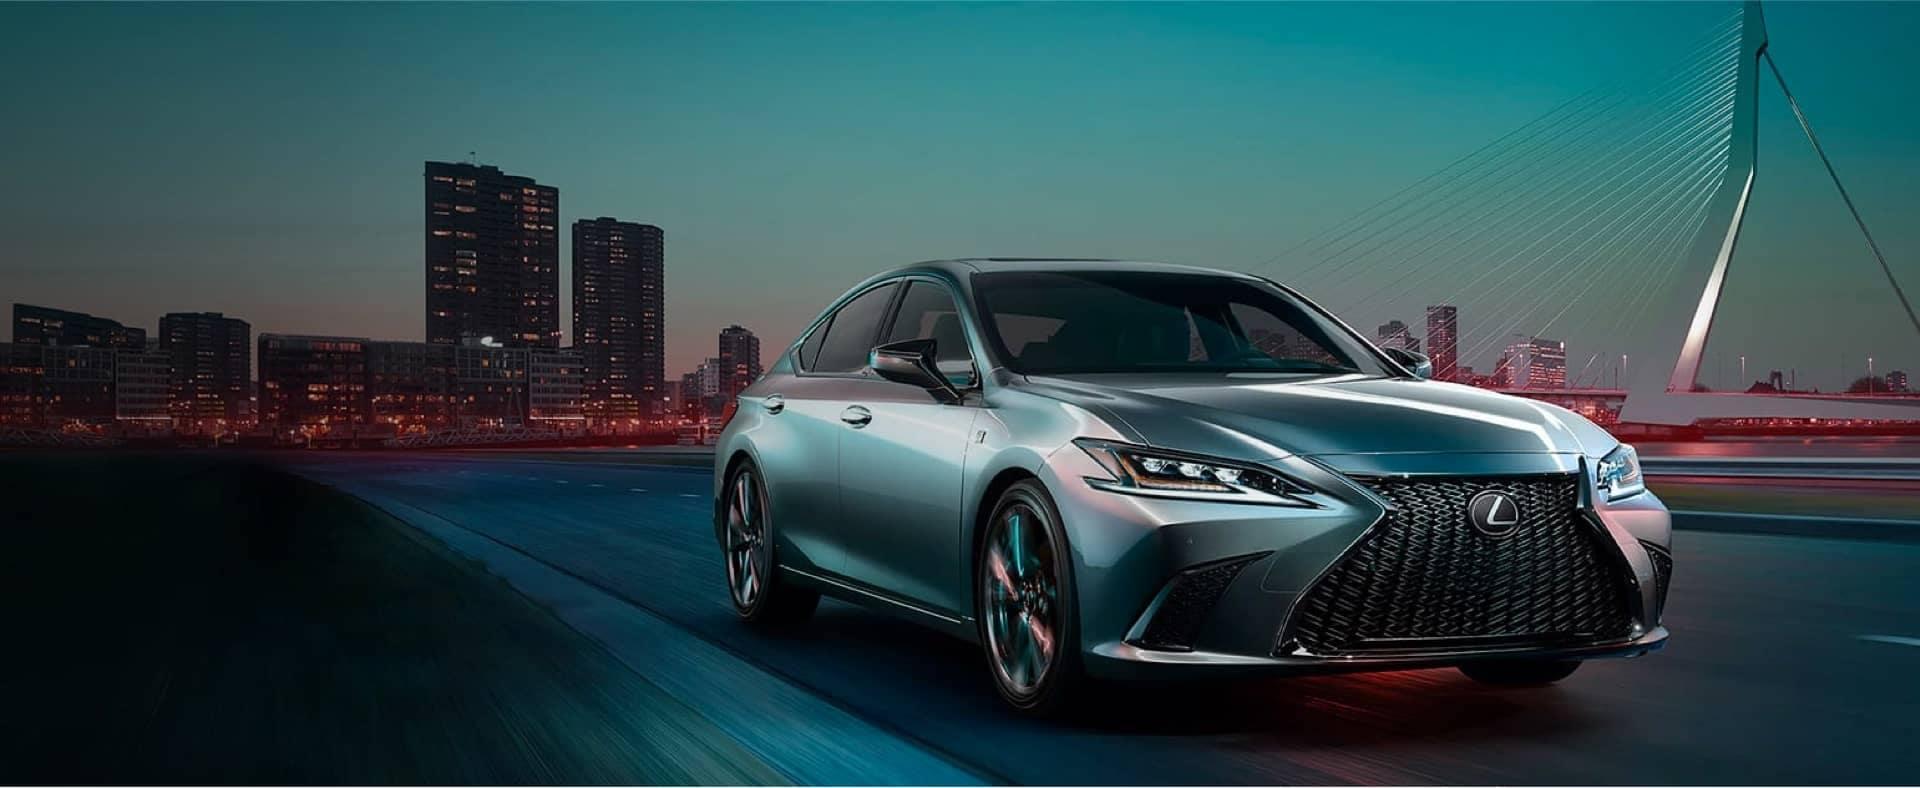 New Lexus Vehicle in City